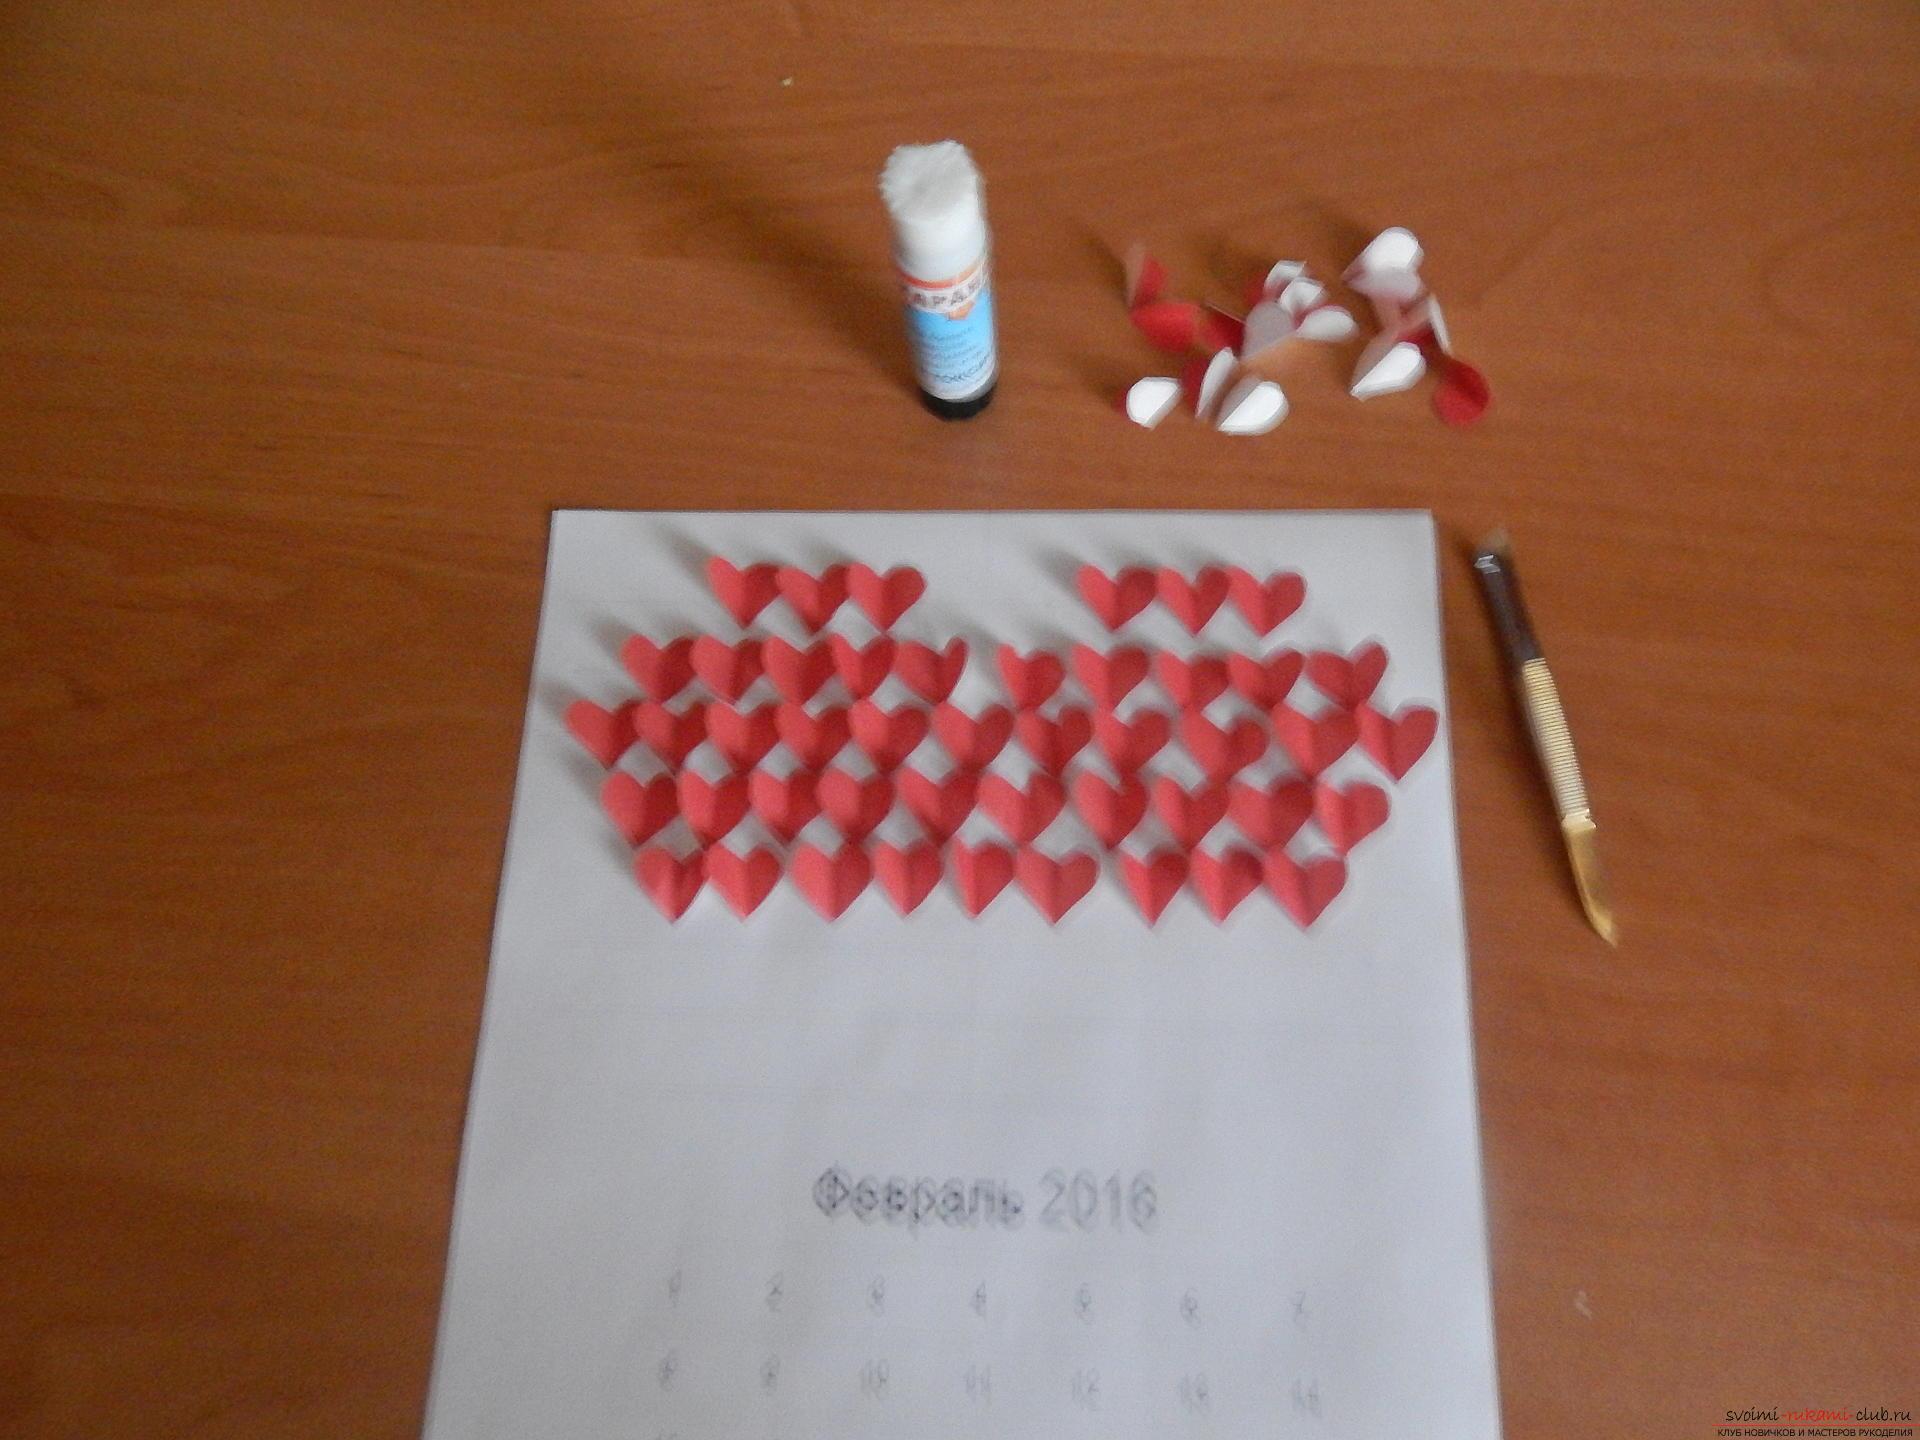 Этот подробный мастер-класс научит как сделать своими руками календарь - подарок на День влюбленных. Фото №12